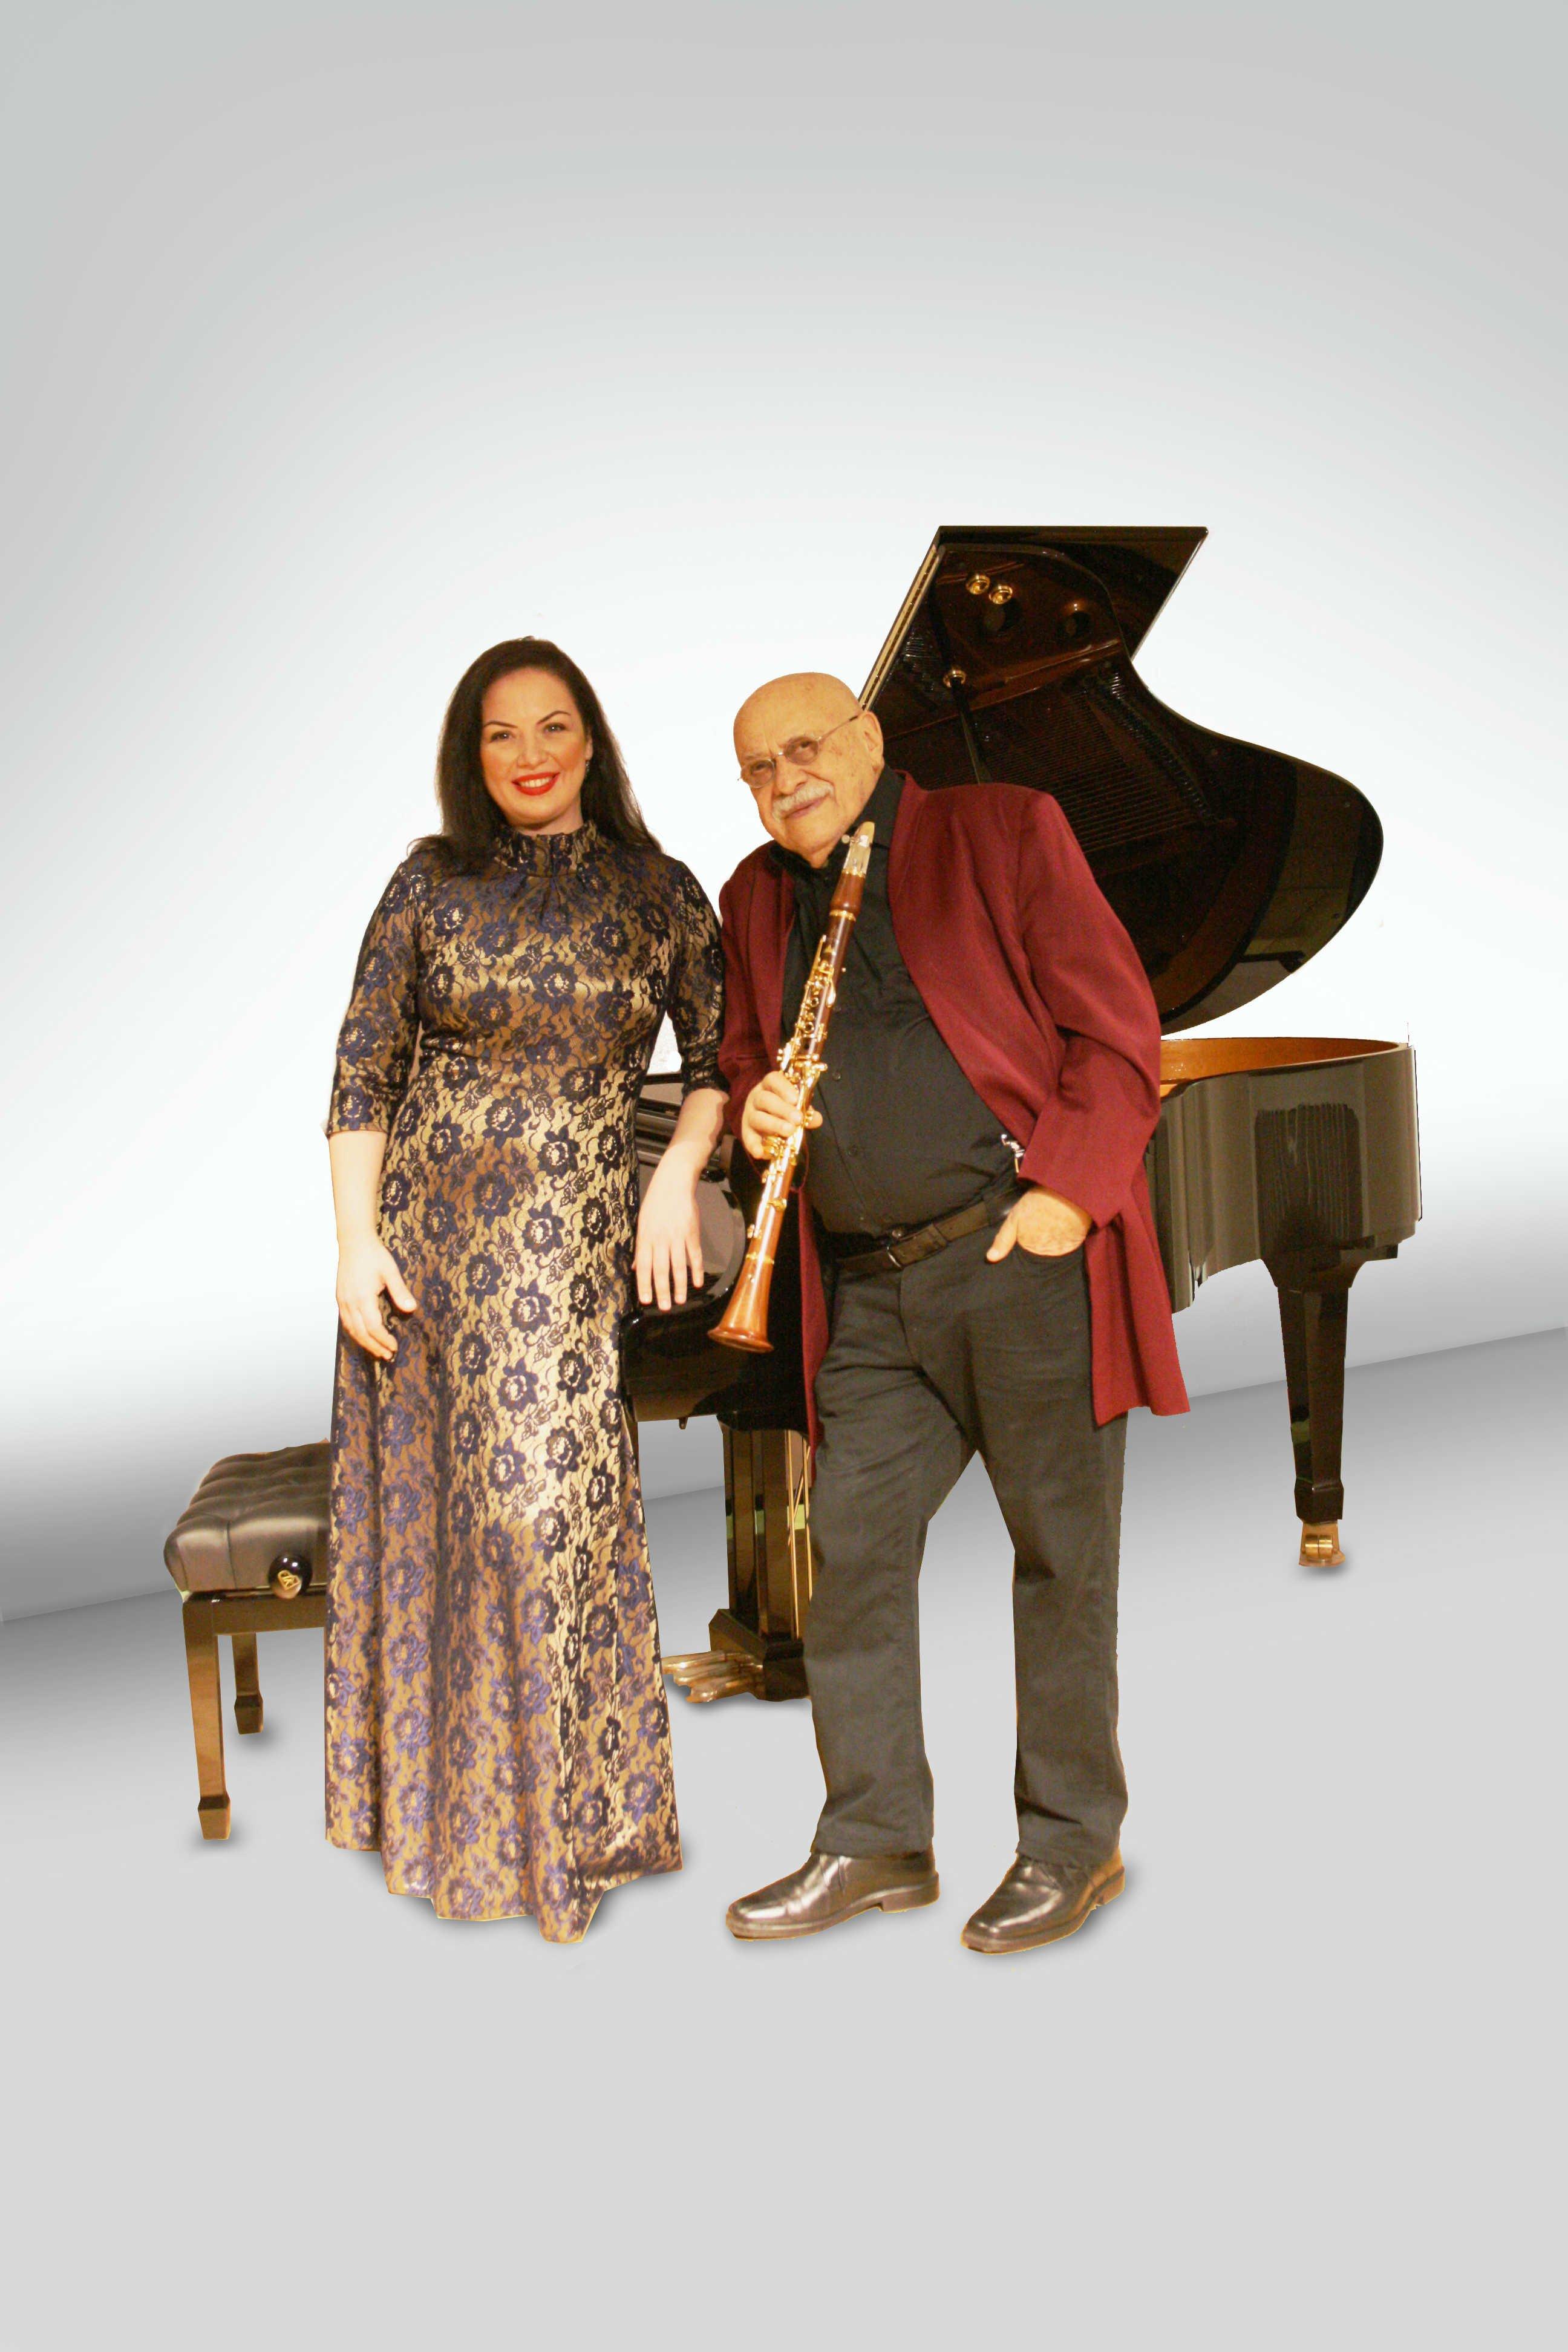 Giora Feidman & Alina Kabanova